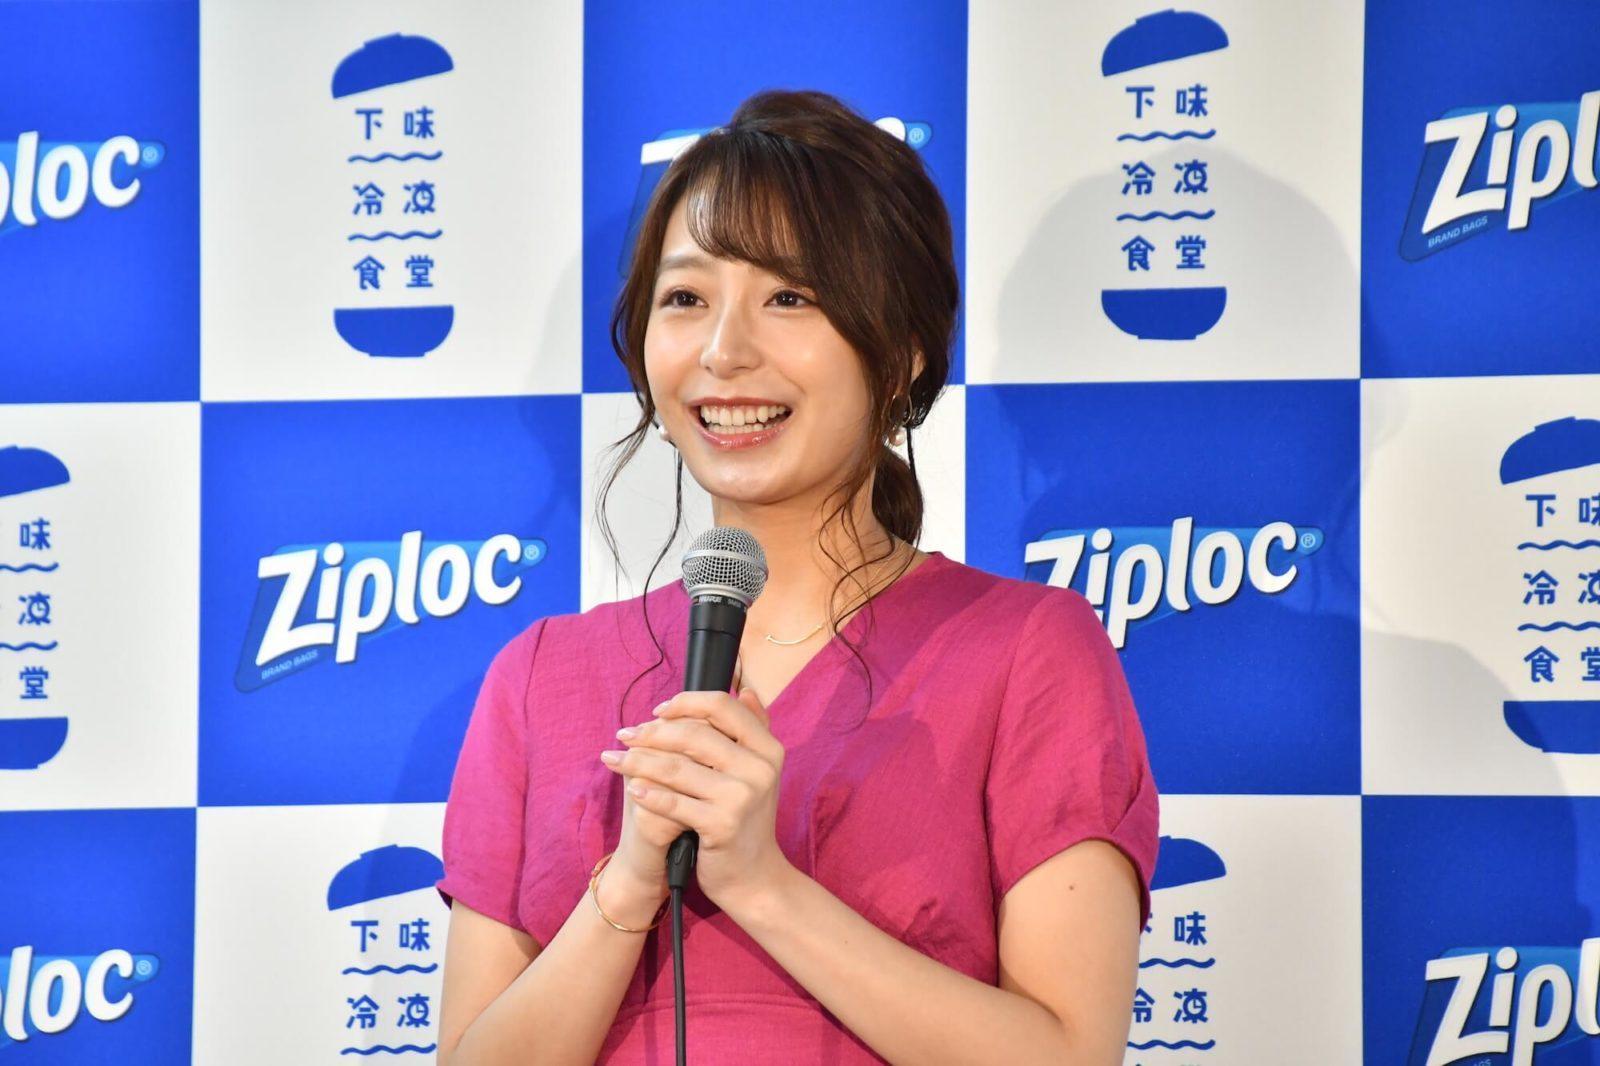 宇垣美里がエプロン姿を披露!時短料理は「ゲームみたいで私は好き」画像103016